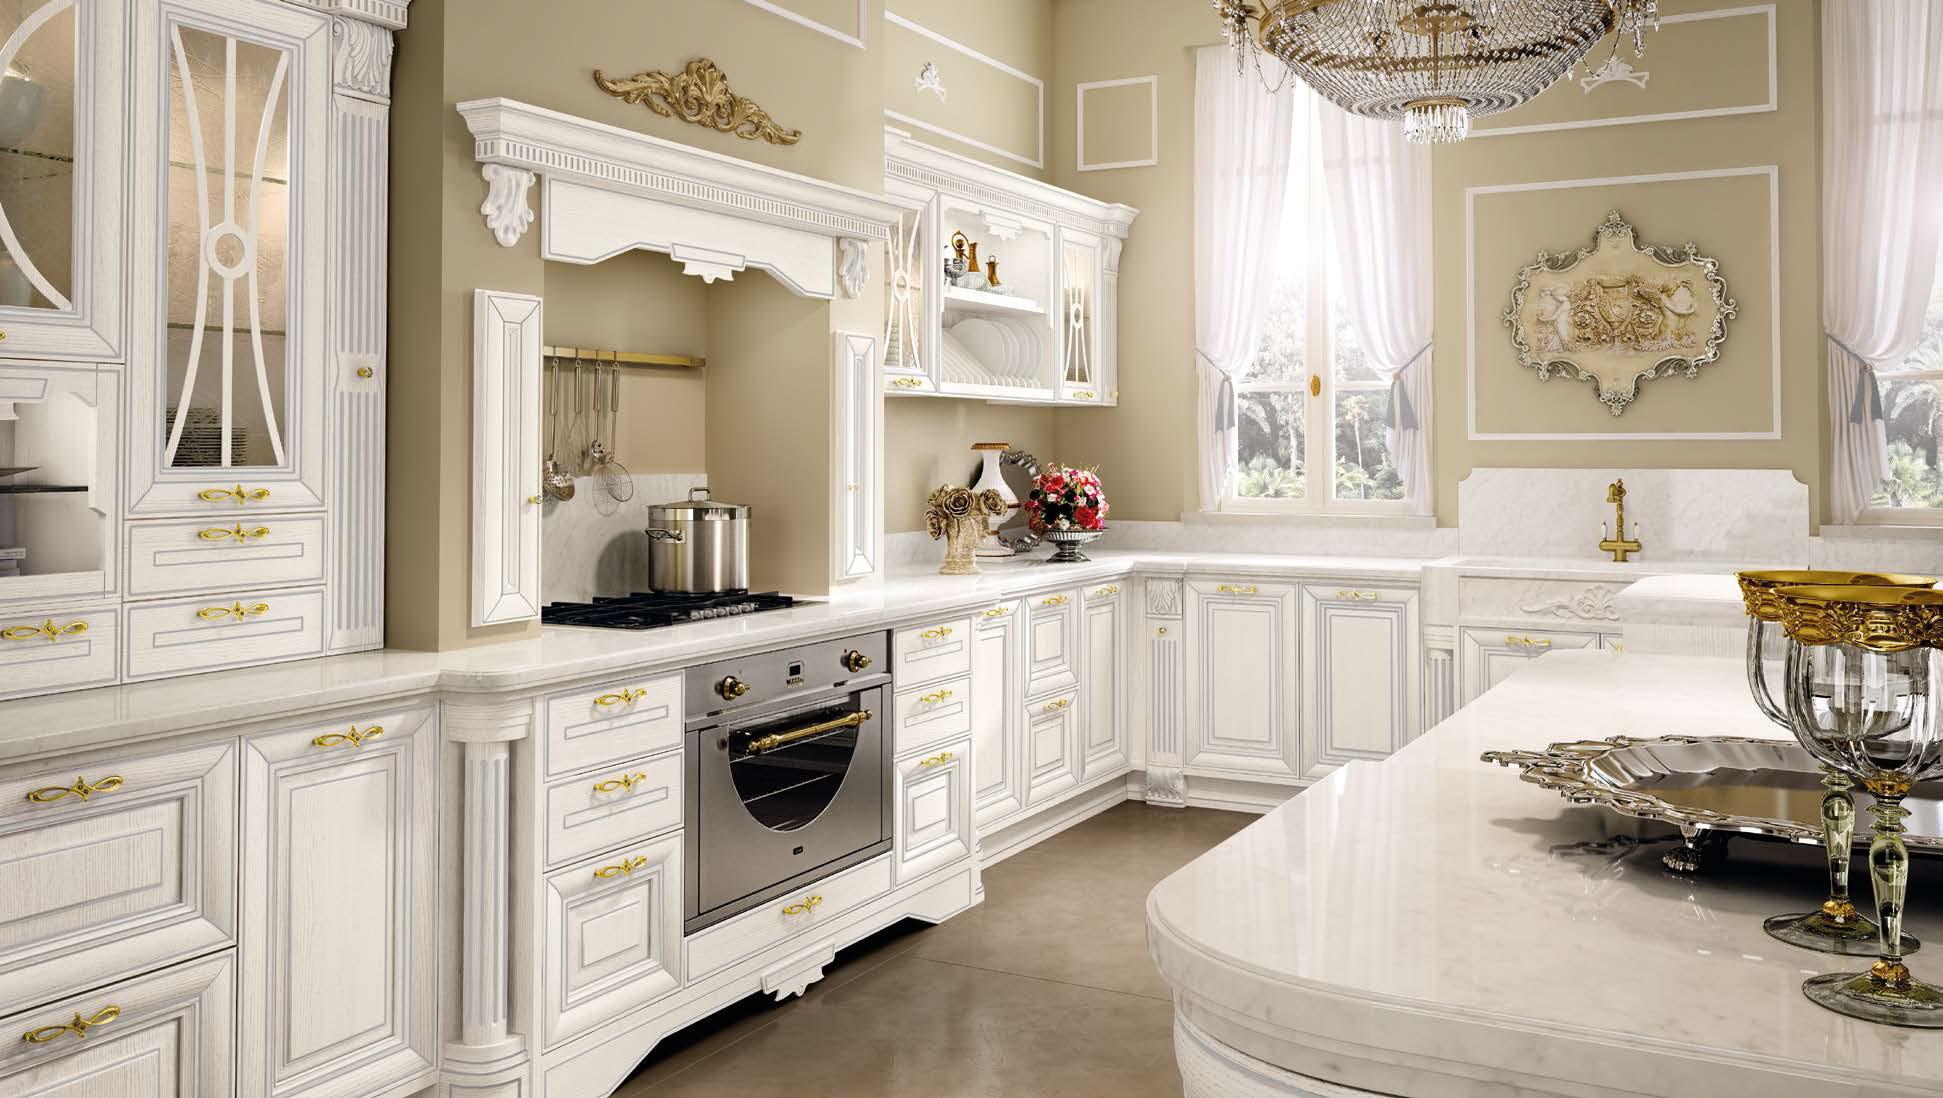 итальянская кухонная мебель фото прикольные забавные выражения